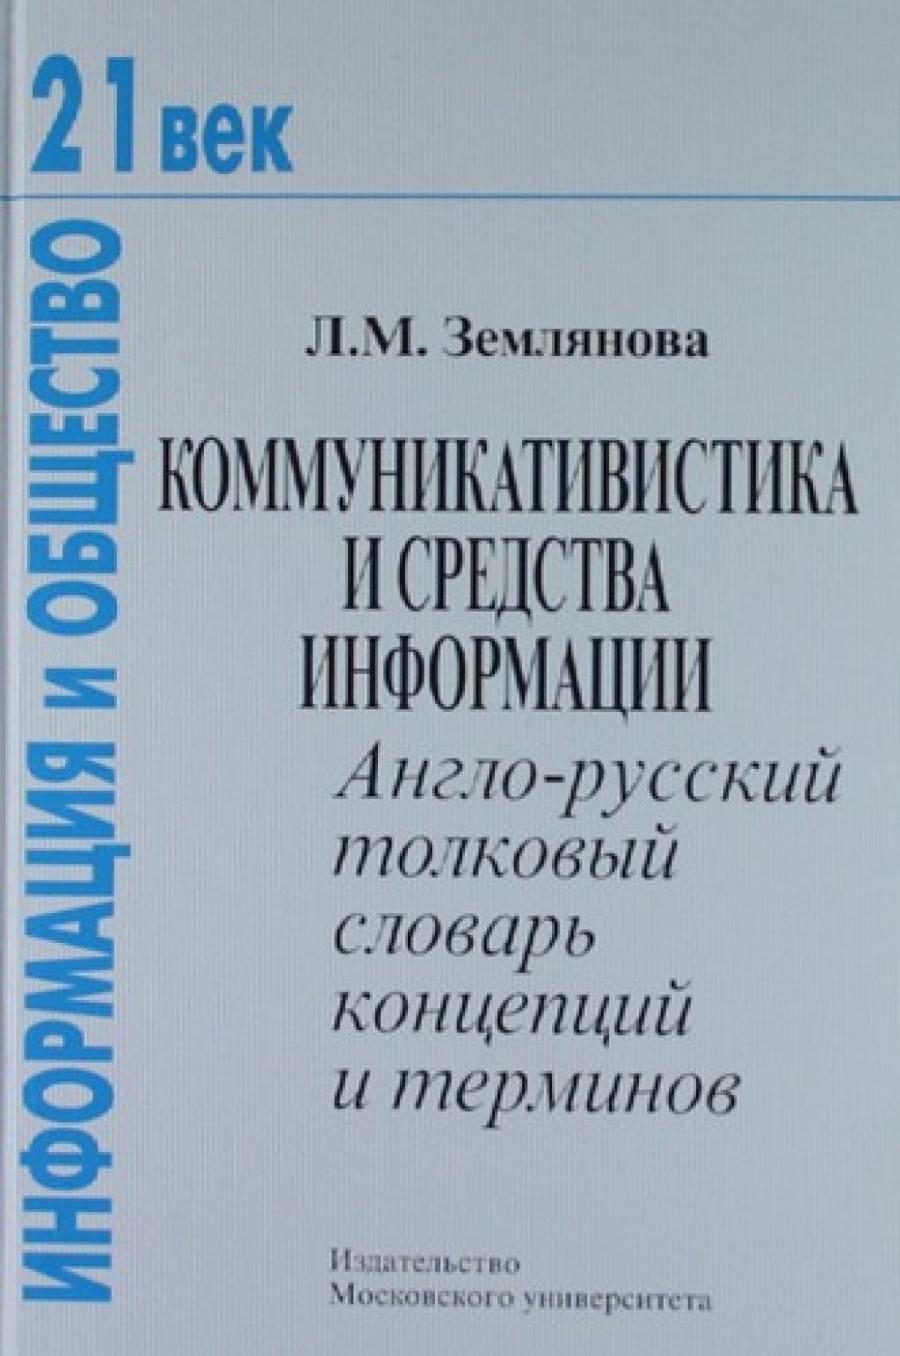 Обложка книги:  землянова л.м. - коммуникативистика и средства информации. англо-русский толковый словарь концепций и терминов